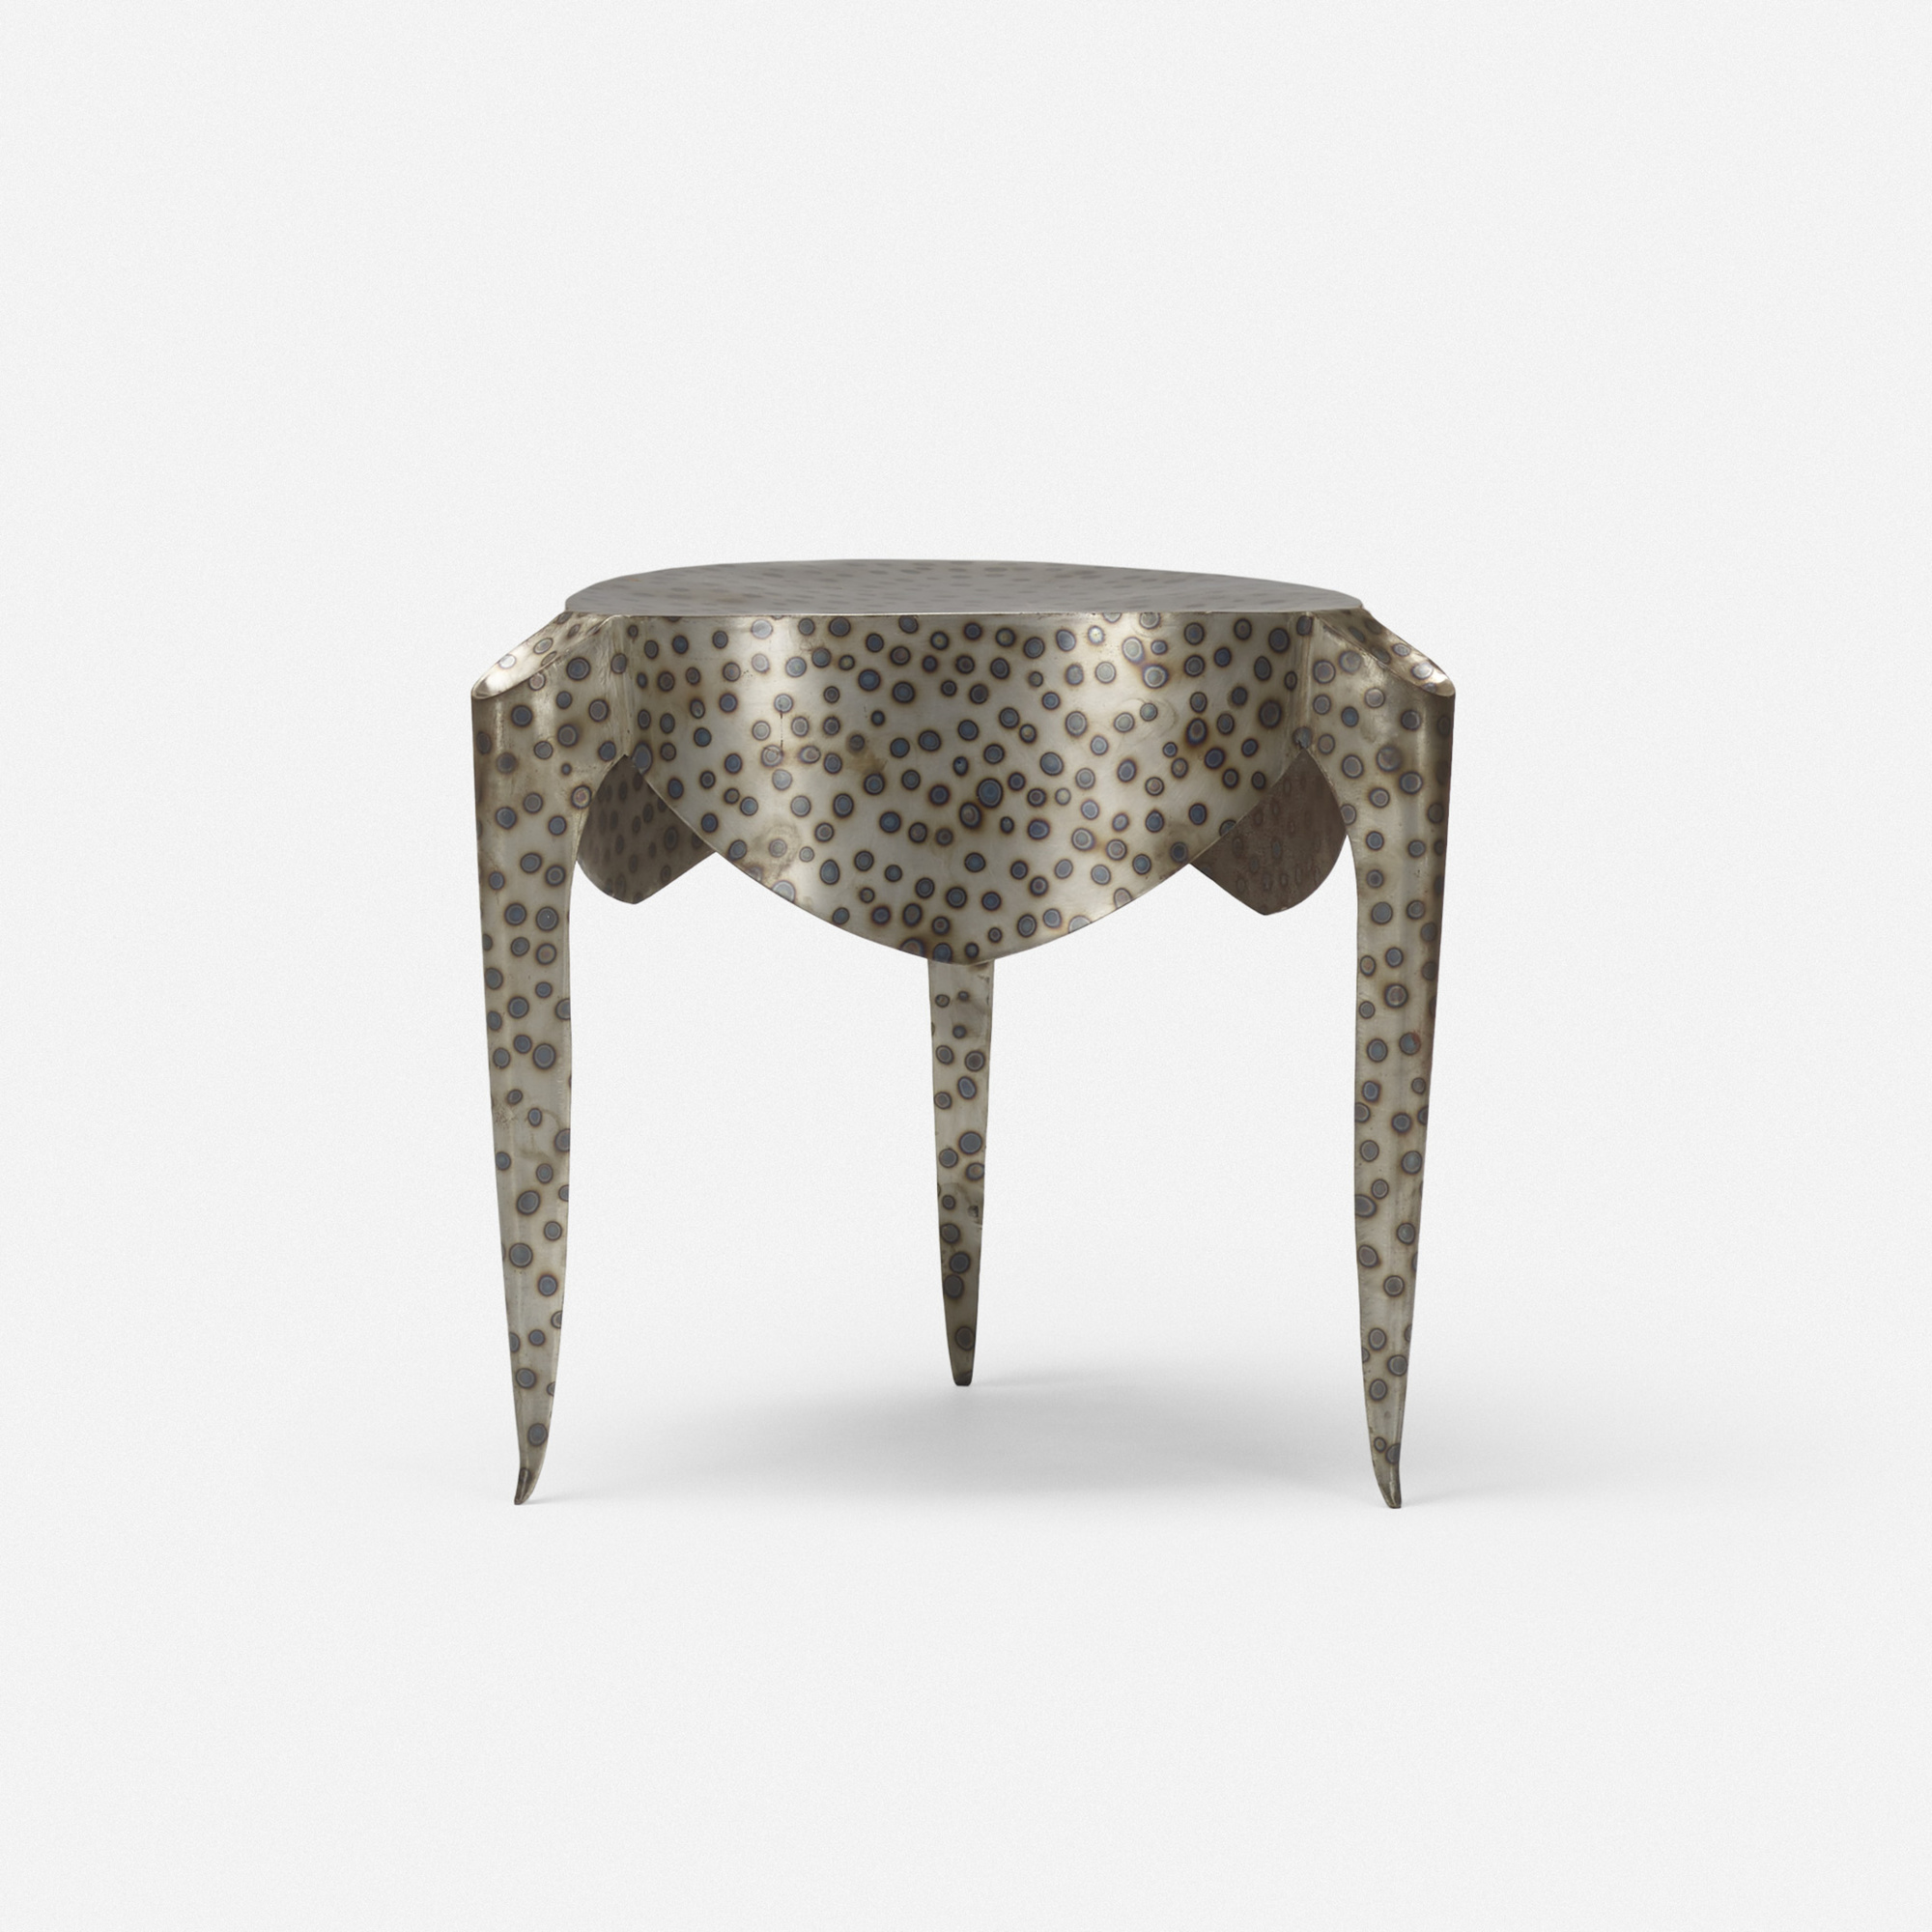 382: André Dubreuil / Paris stool (2 of 2)